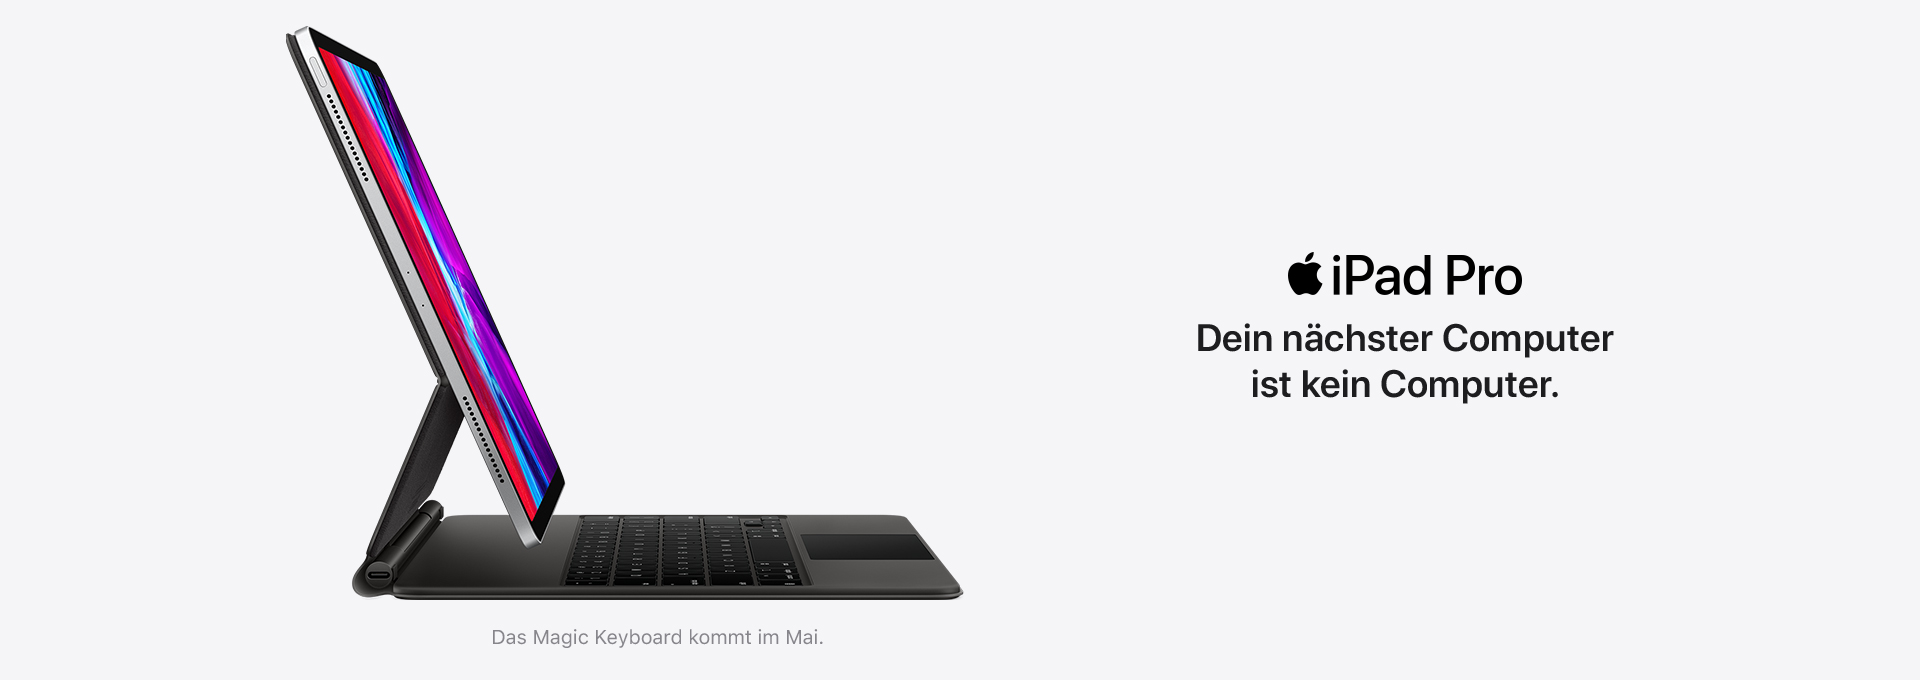 Jetzt Apple iPad Pro kaufen